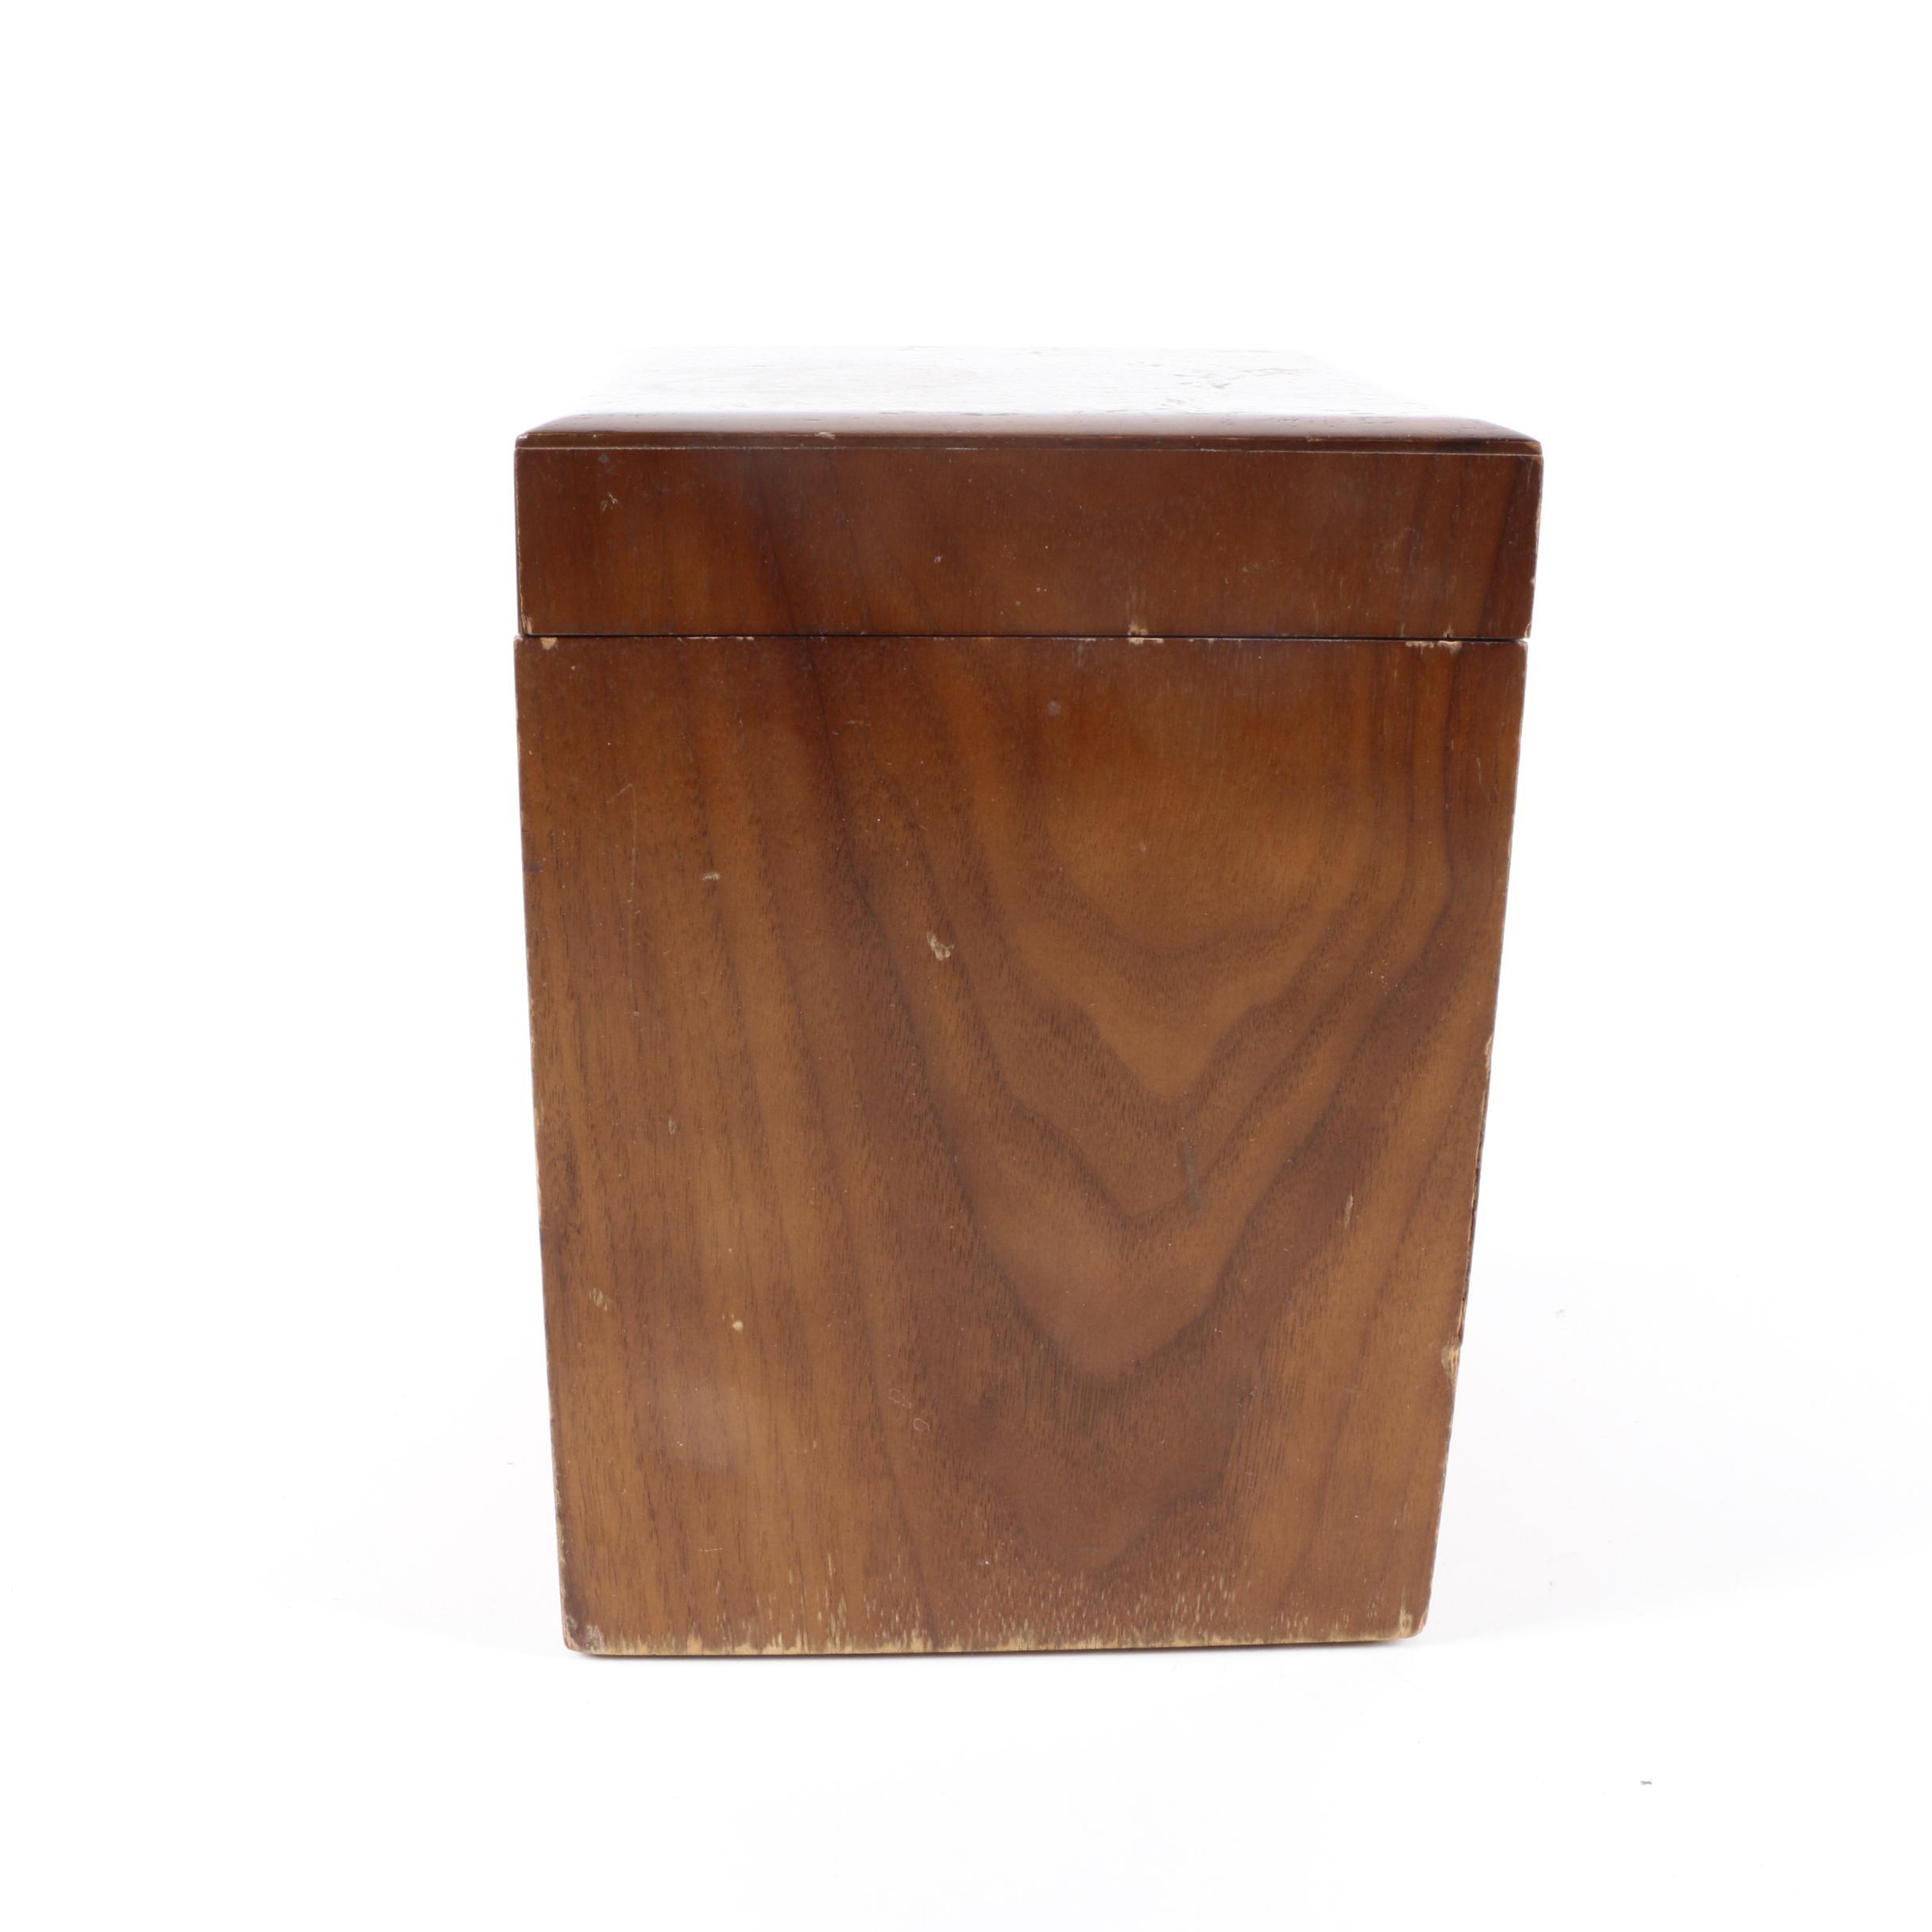 Walnut Tone Wooden Humidor